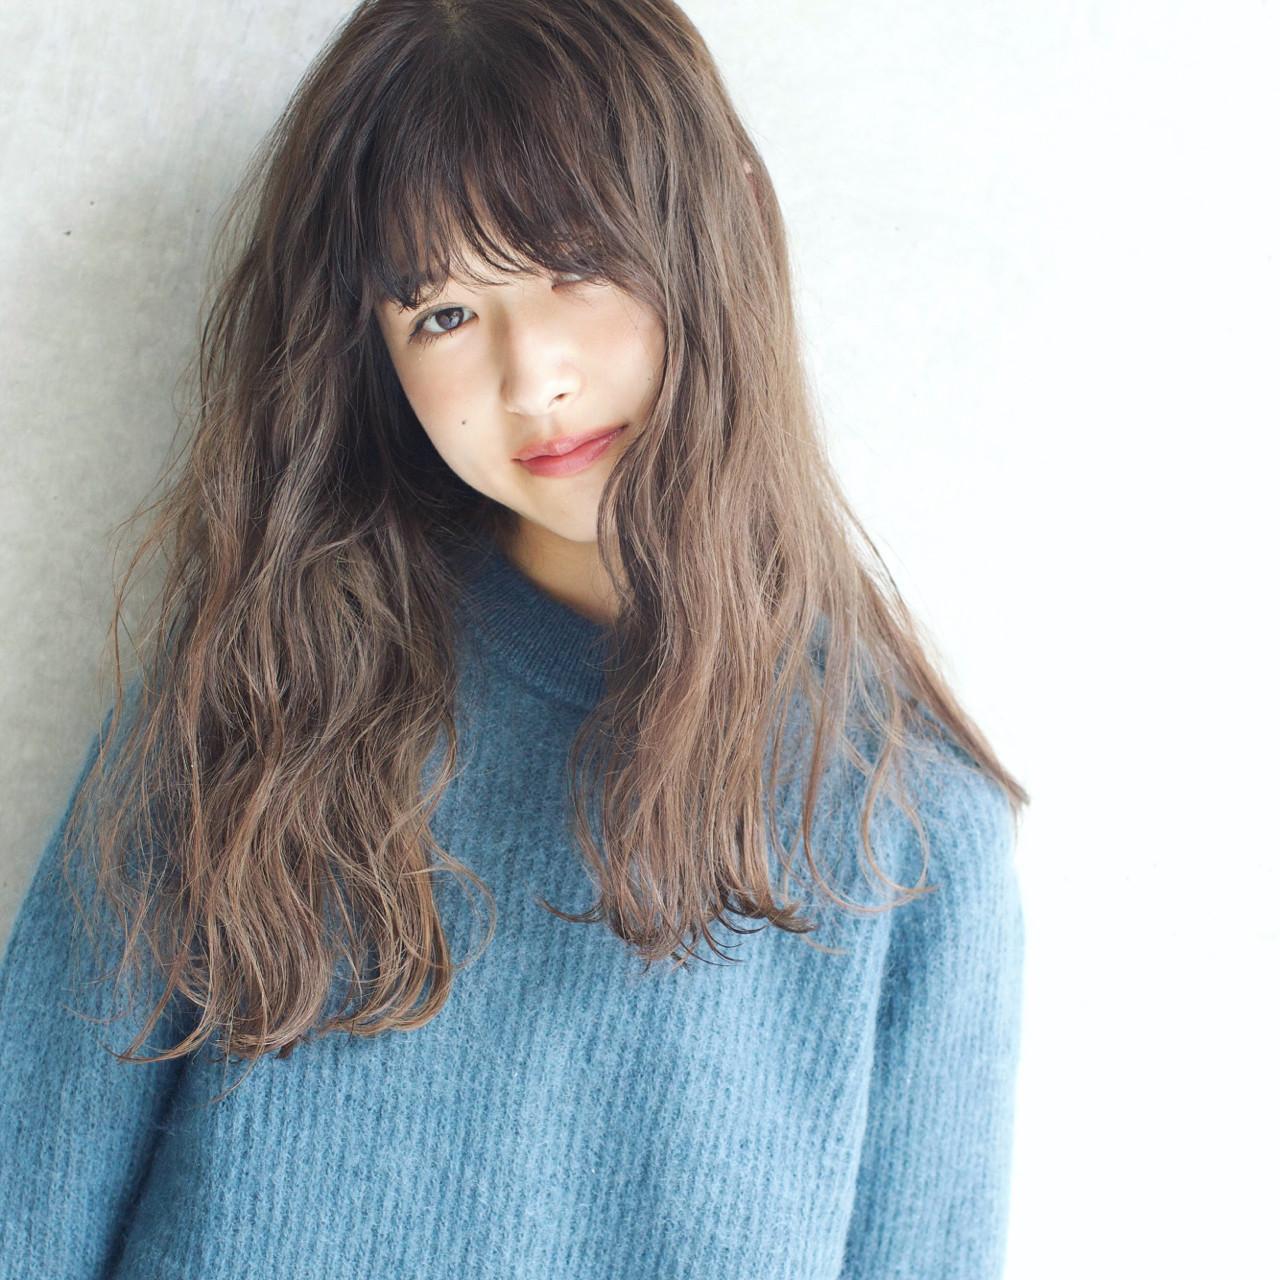 2018年秋冬【グレージュグラデーション】でトレンドヘア♡の1枚目の画像